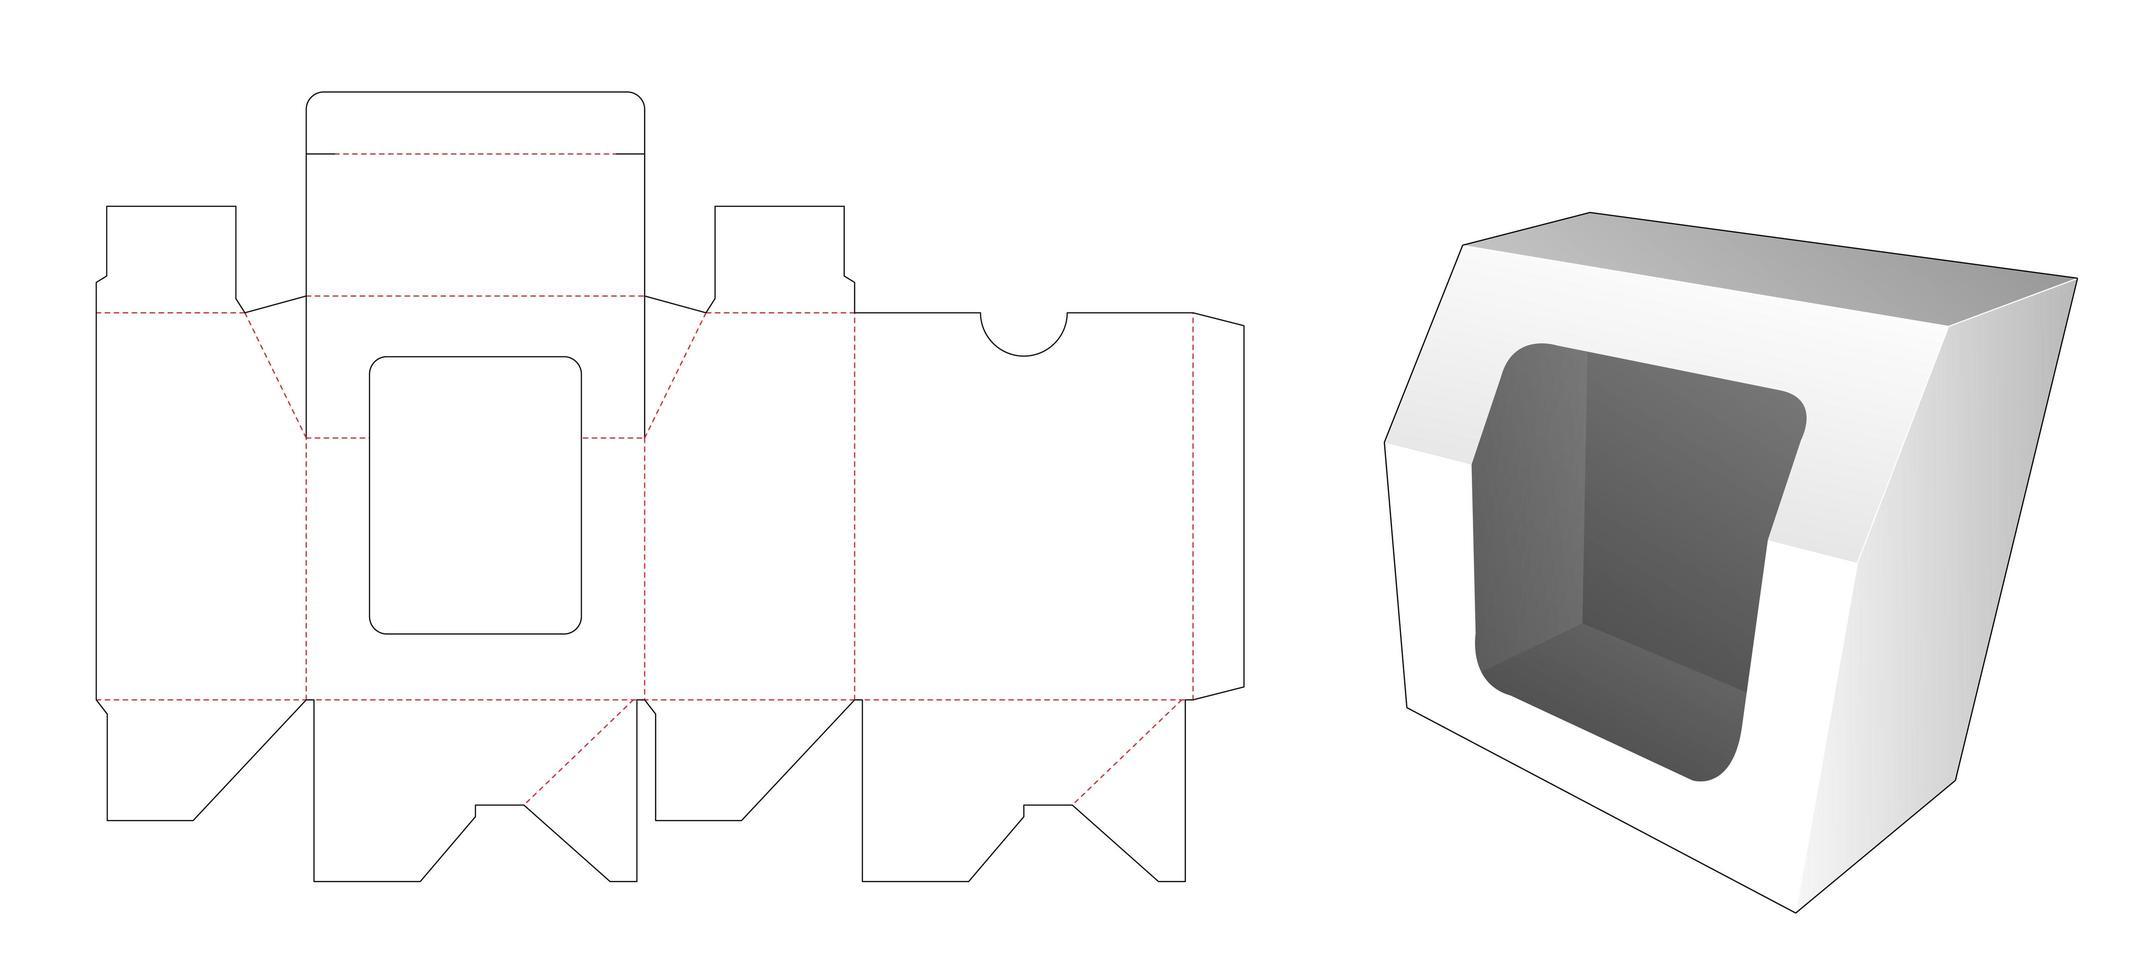 caixa de presente chanfrada com molde de janela cortada vetor